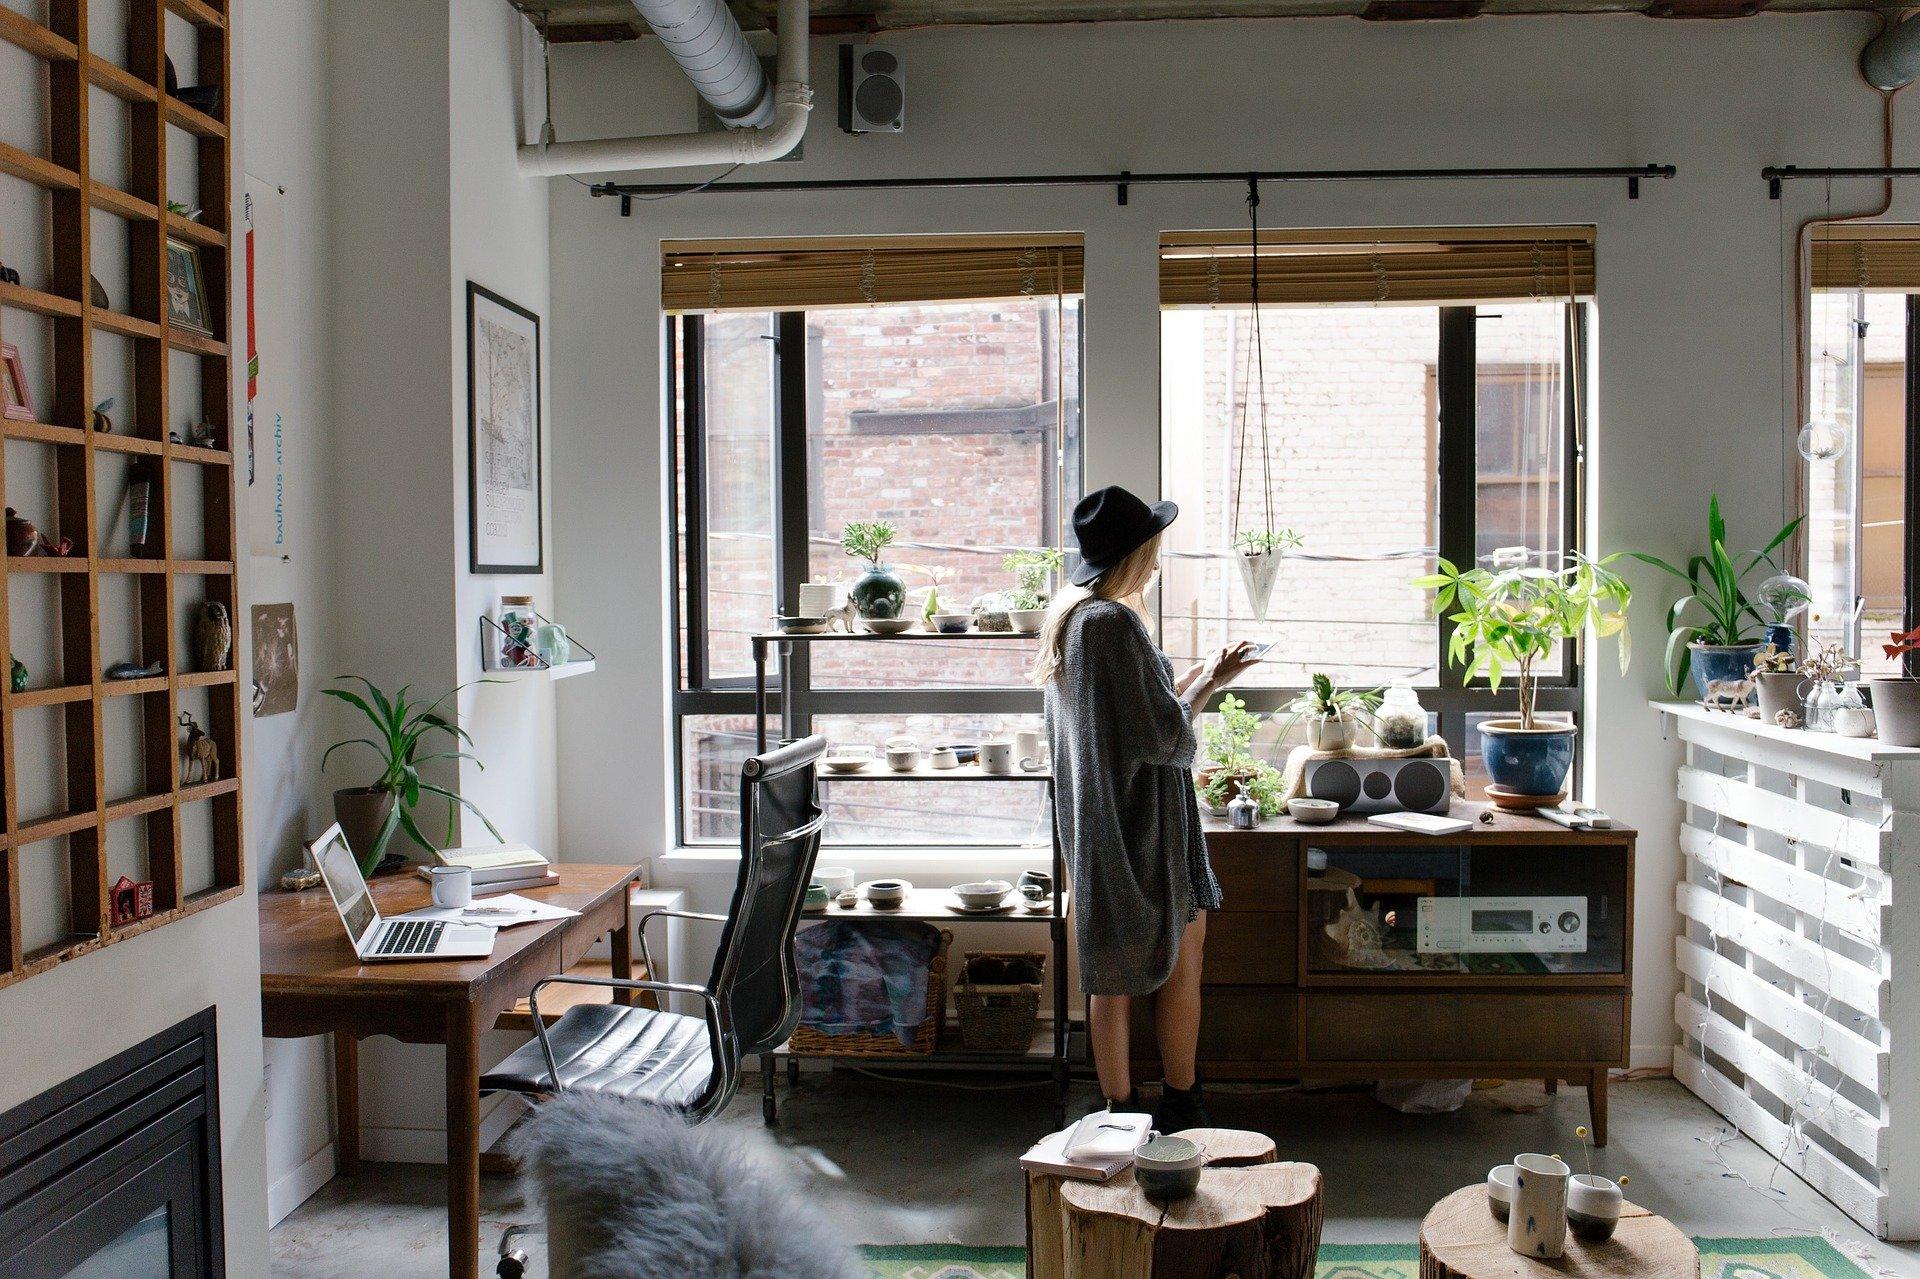 Produtividade e trabalho remoto podem andar juntos?